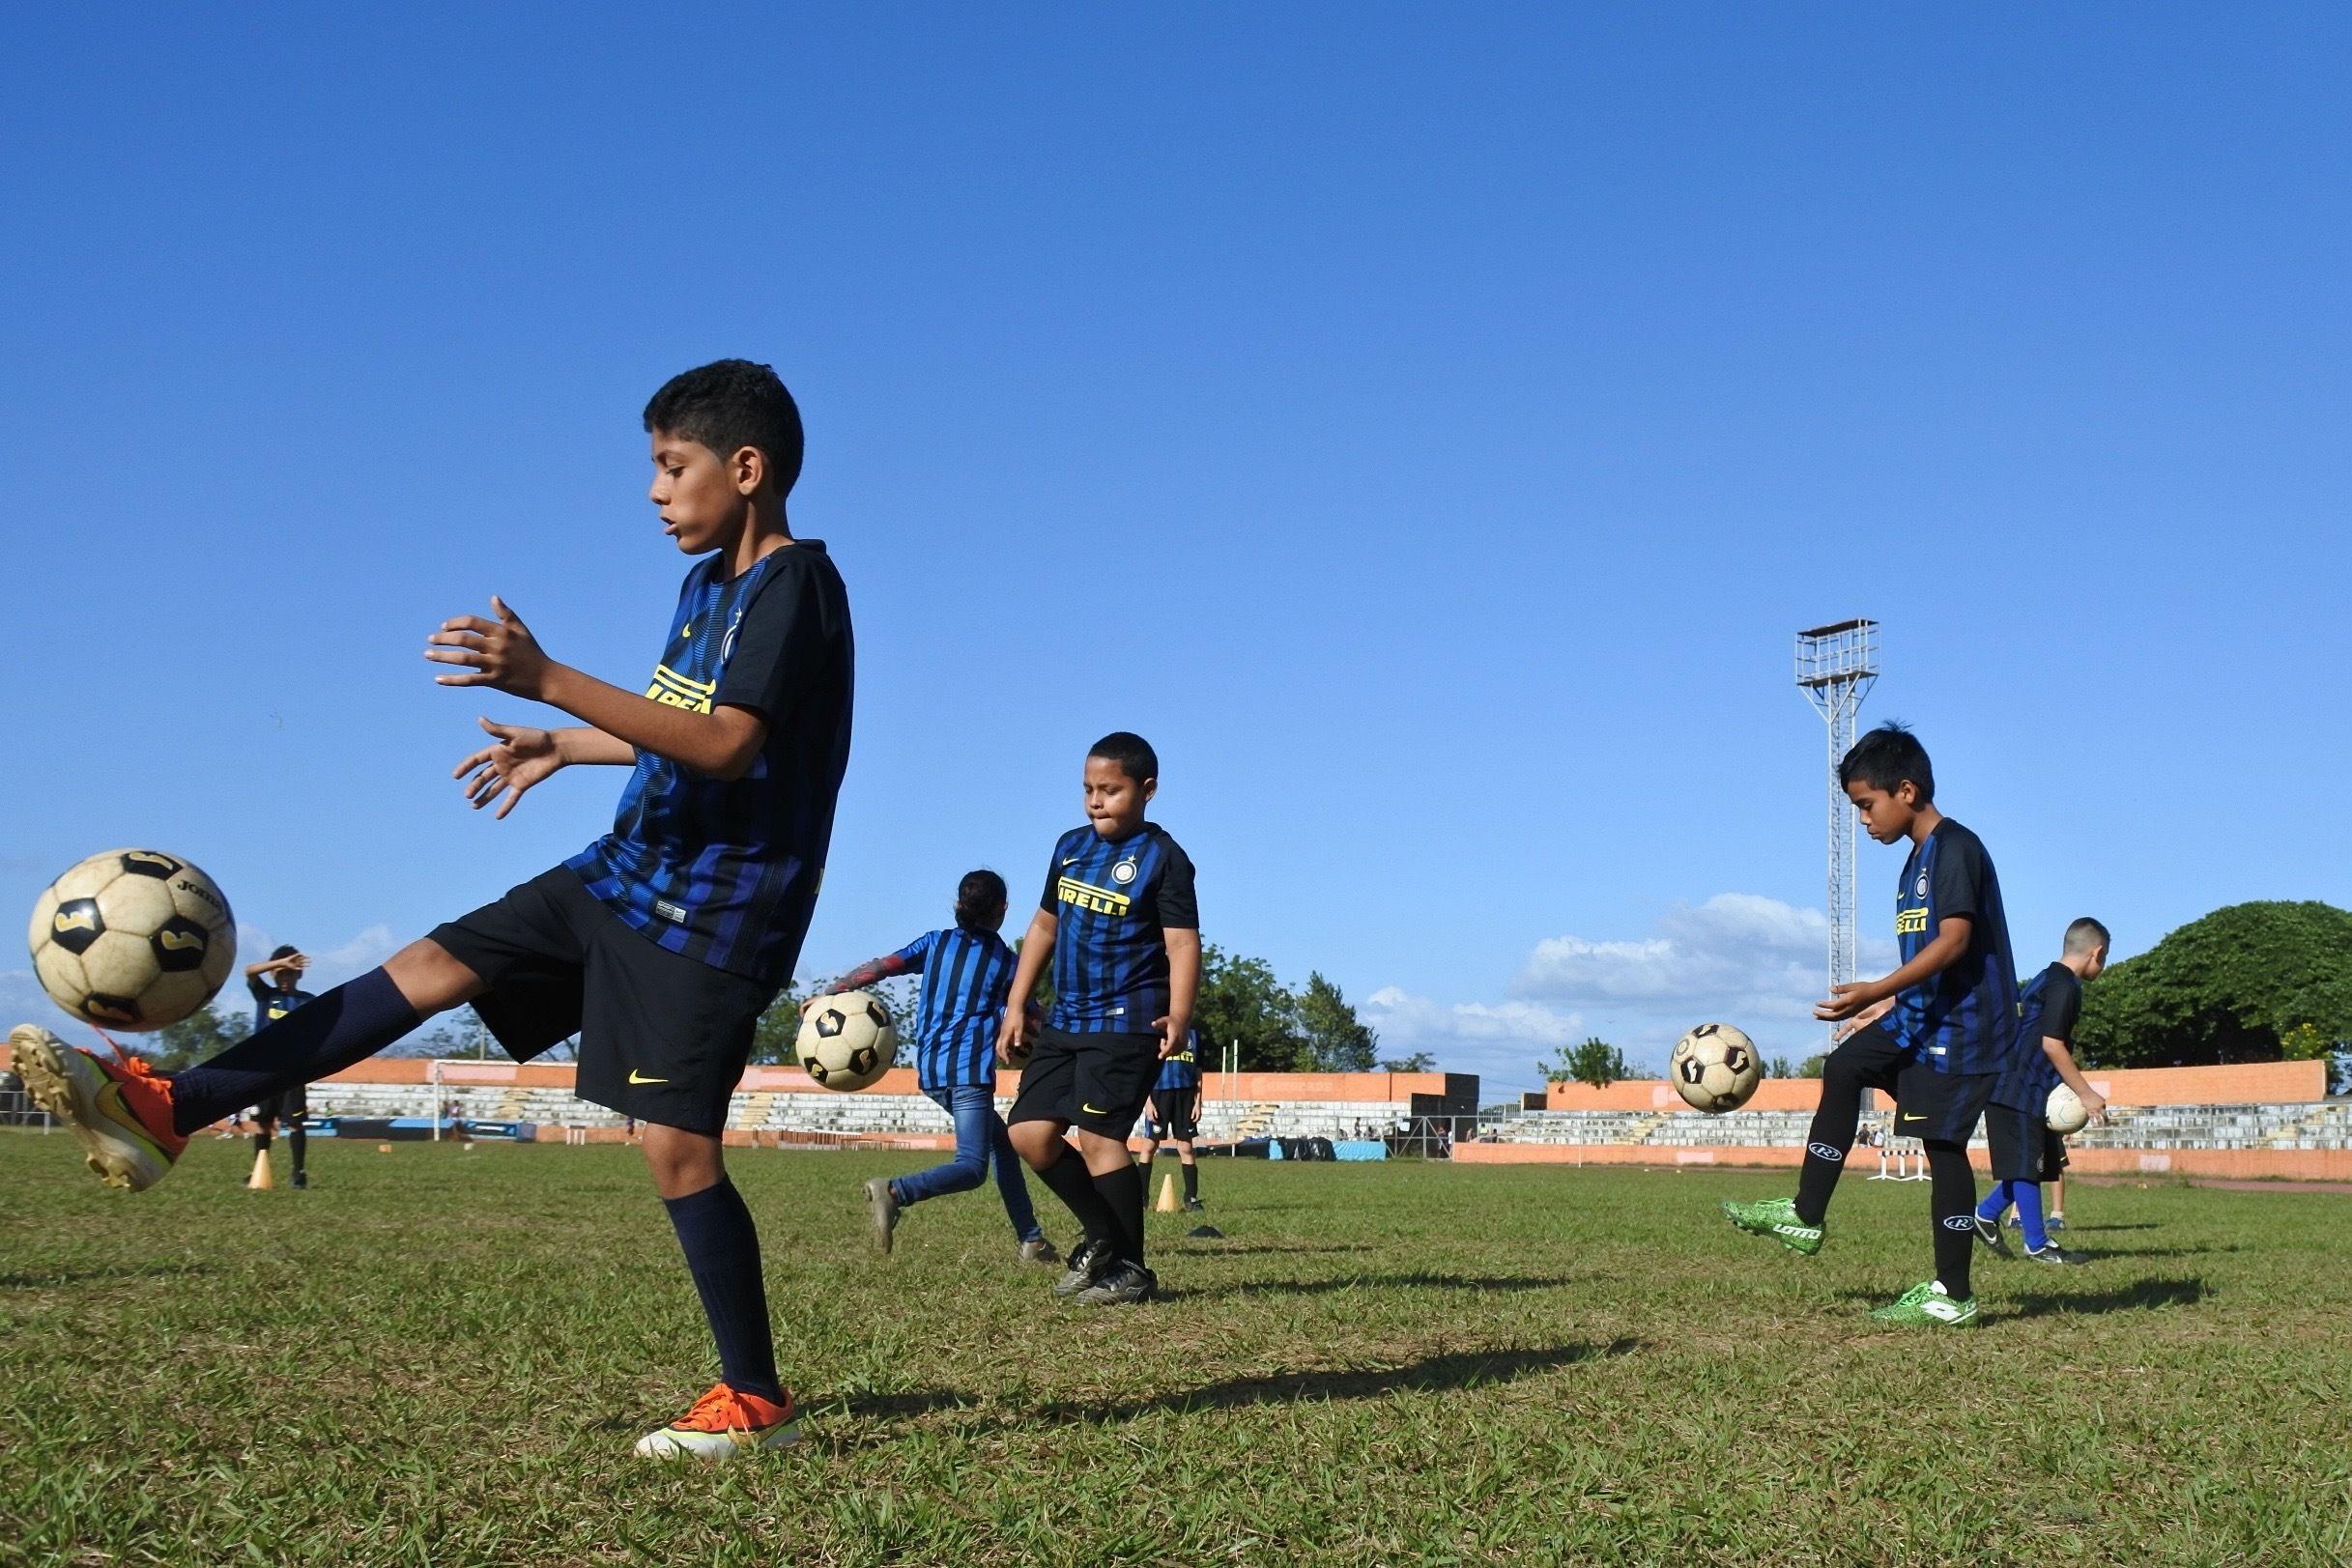 尼加拉瓜的国米公益学校进步喜人